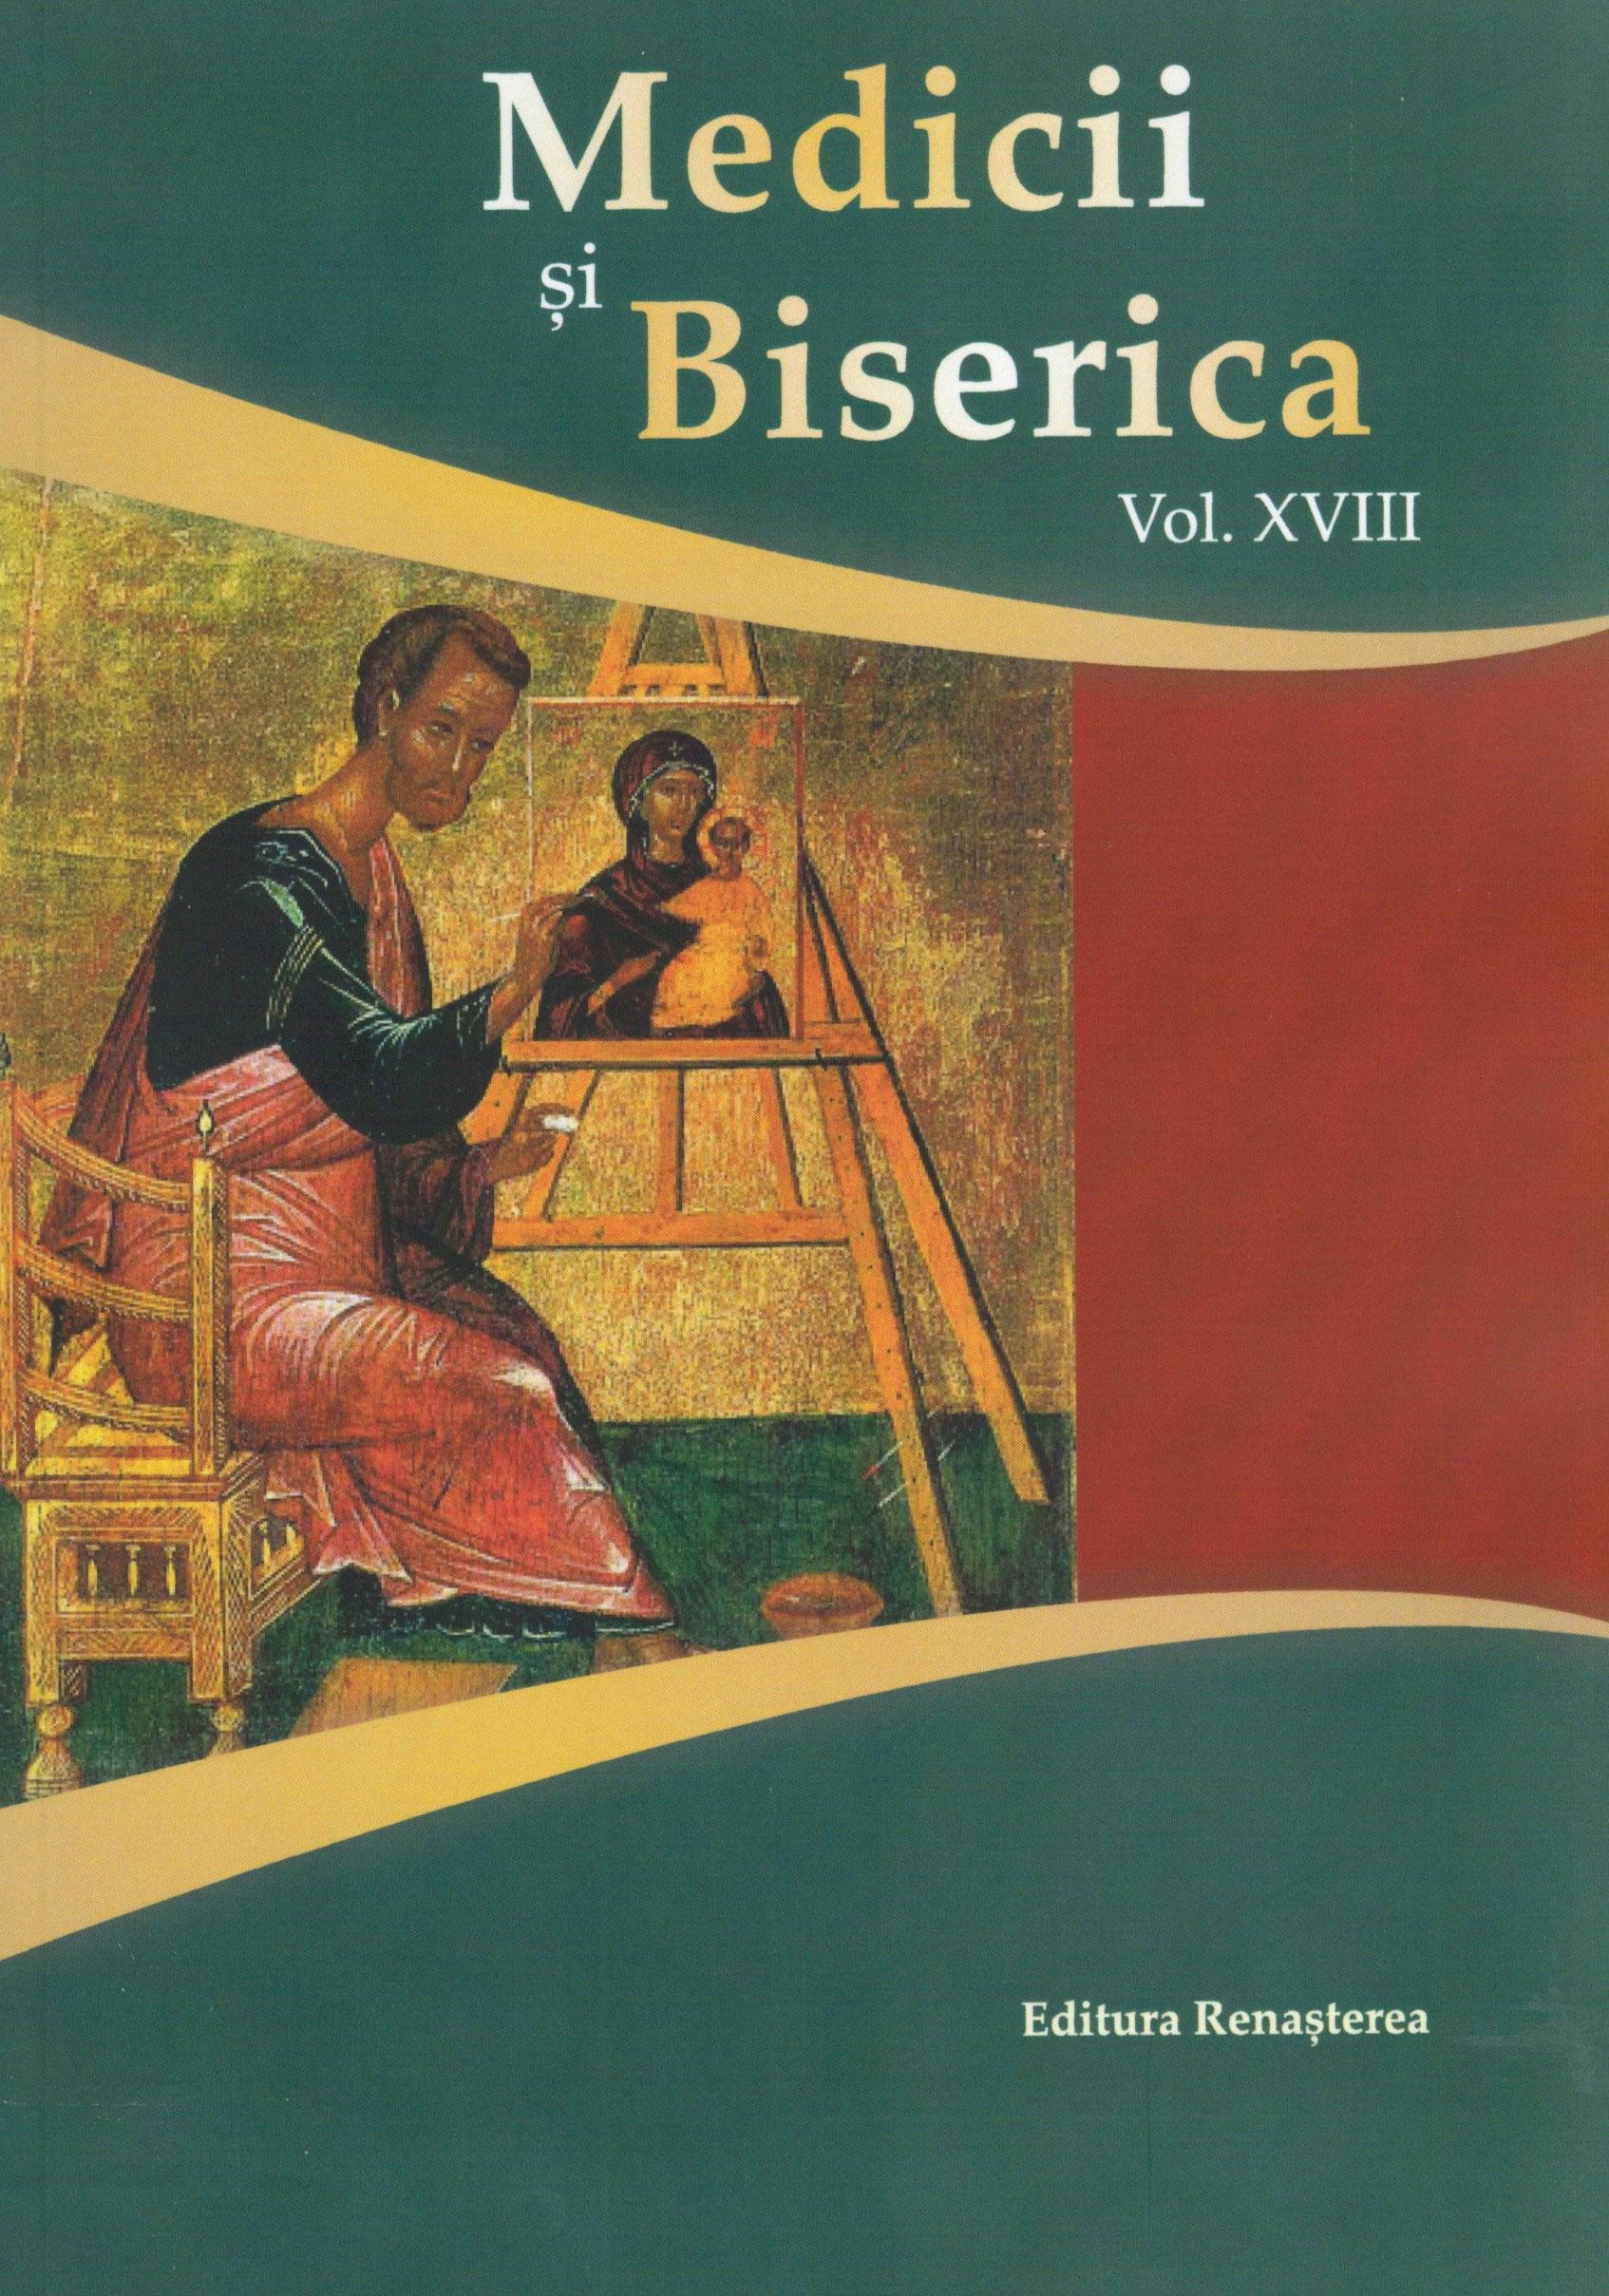 Medicii si Biserica, Vol. XVIII - Terapia prin credinta si cultura